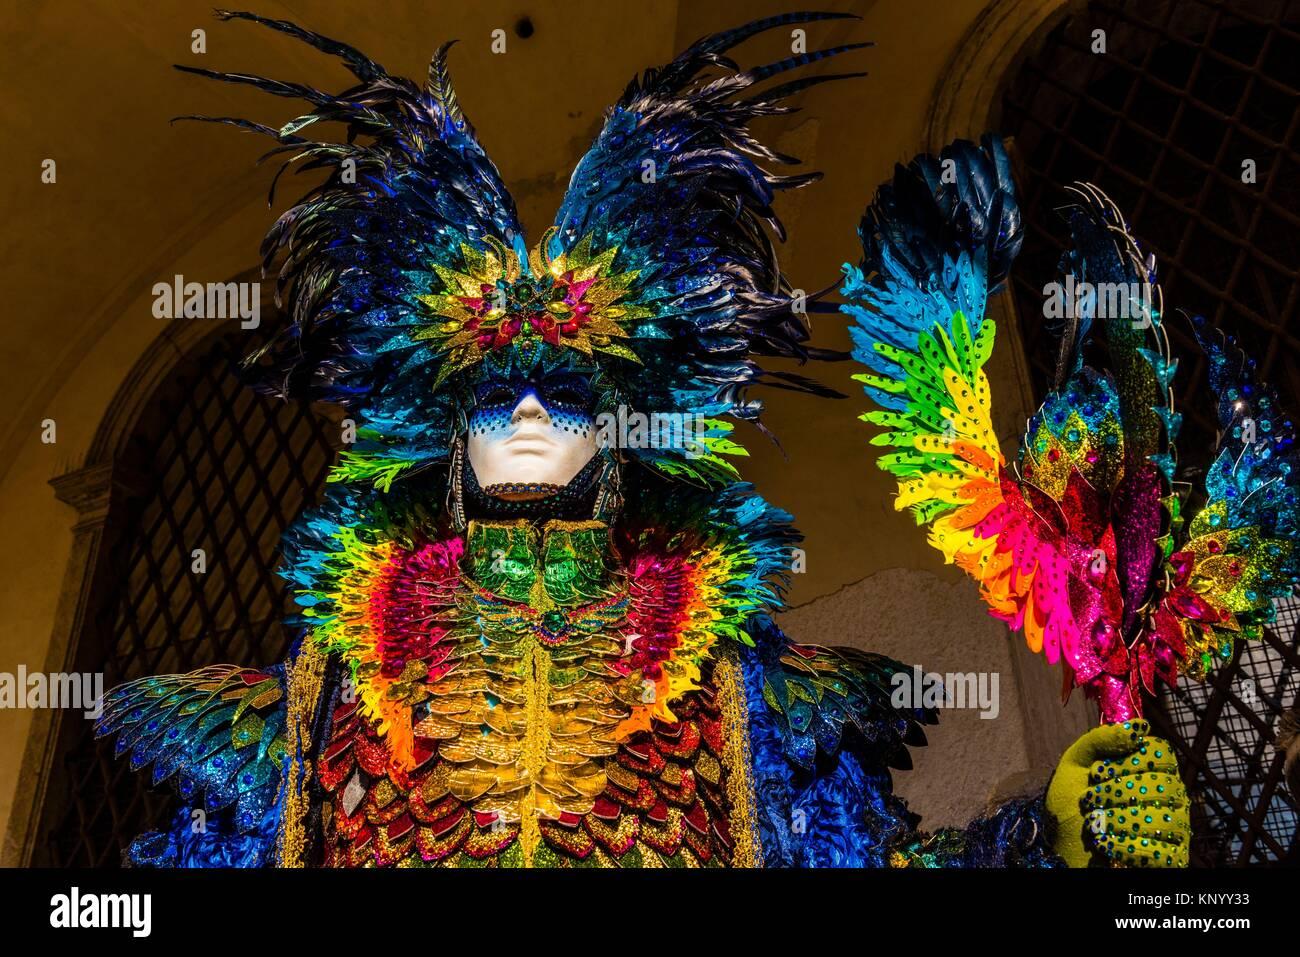 Revelers in carnival costume, Venice Carnival (Carnevale di Venezia), Venice, Italy. - Stock Image